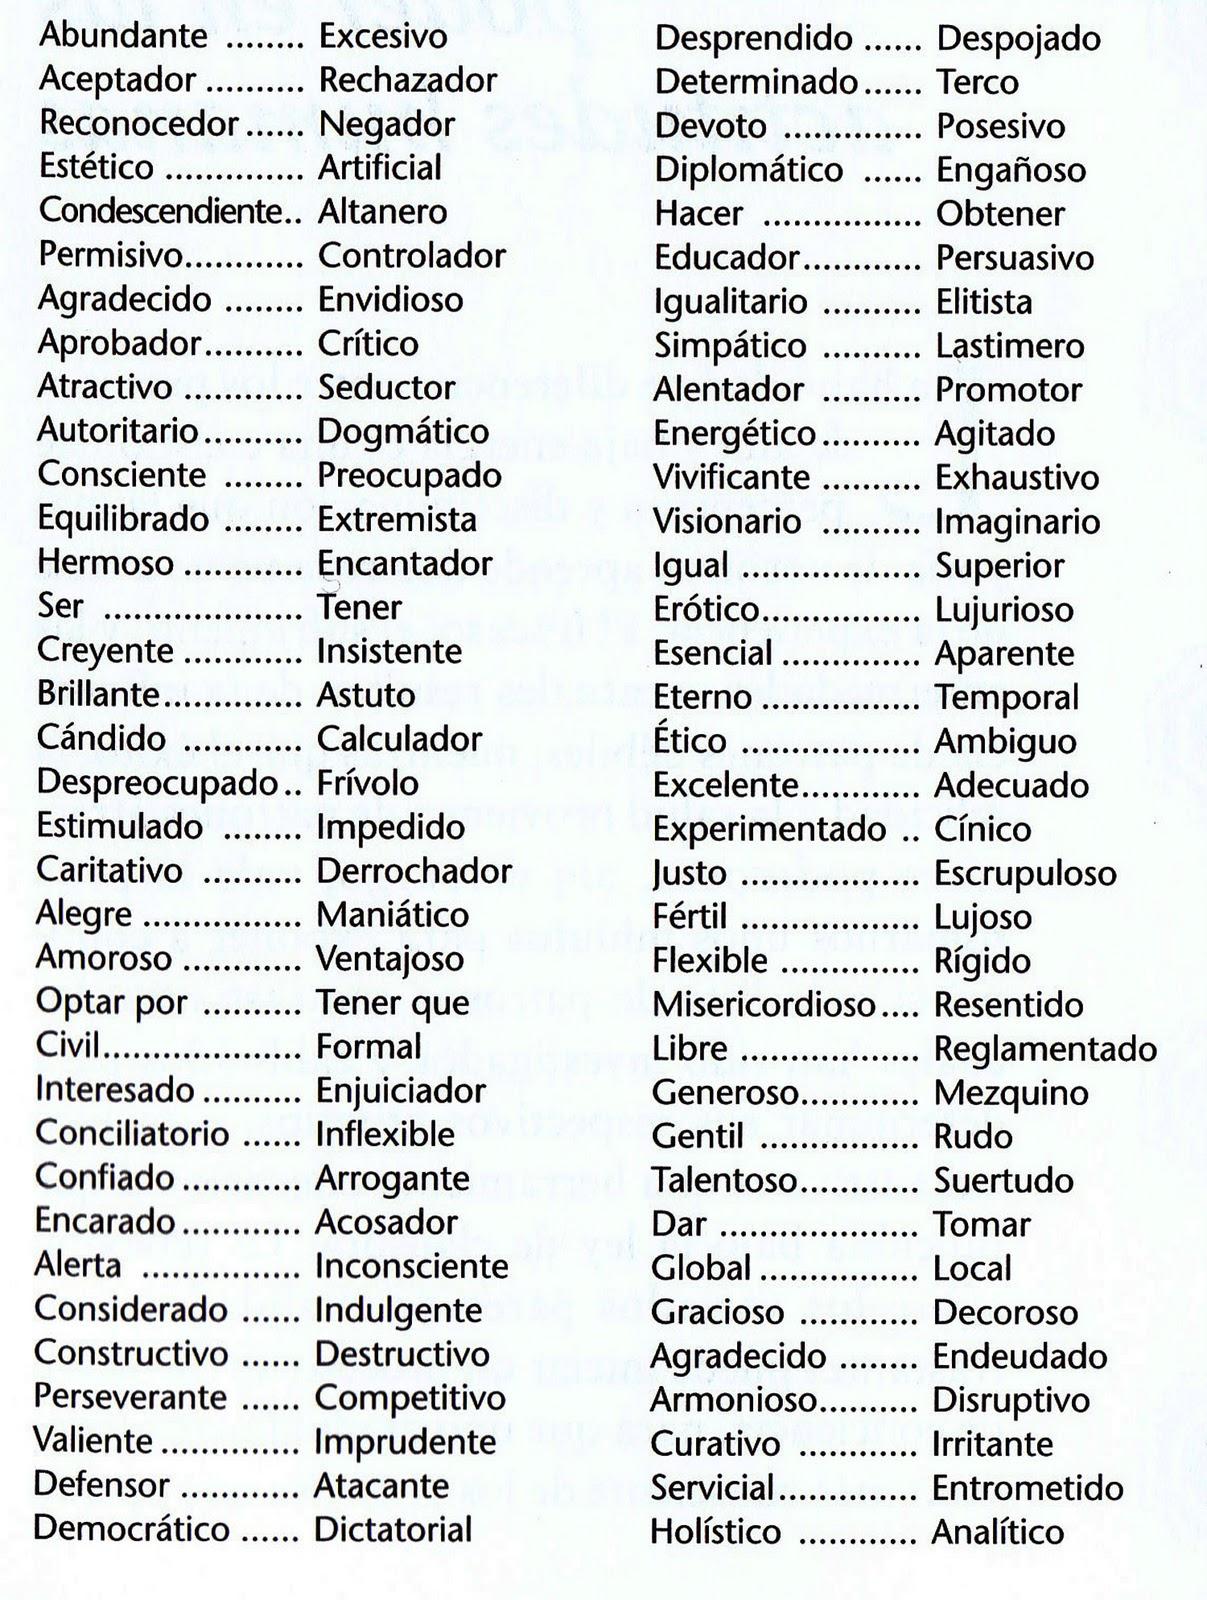 diccionario de adjetivos: